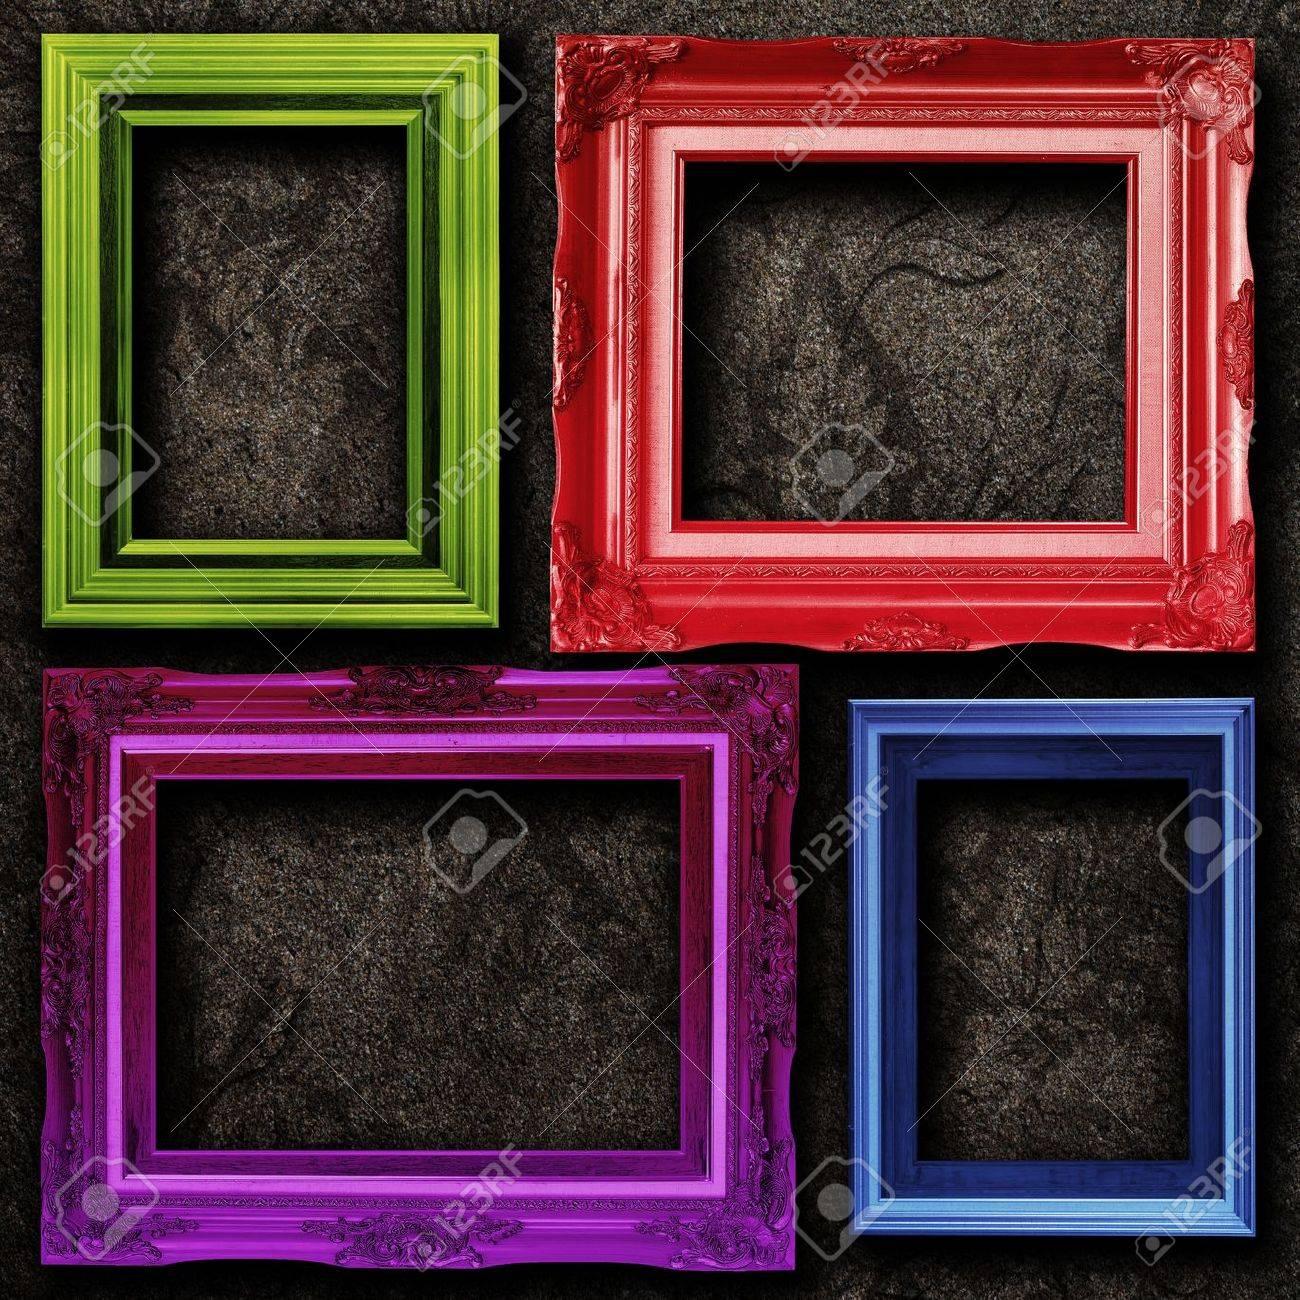 Cuatro Marcos De Cuadros Contemporáneos Colores Vibrantes En La ...